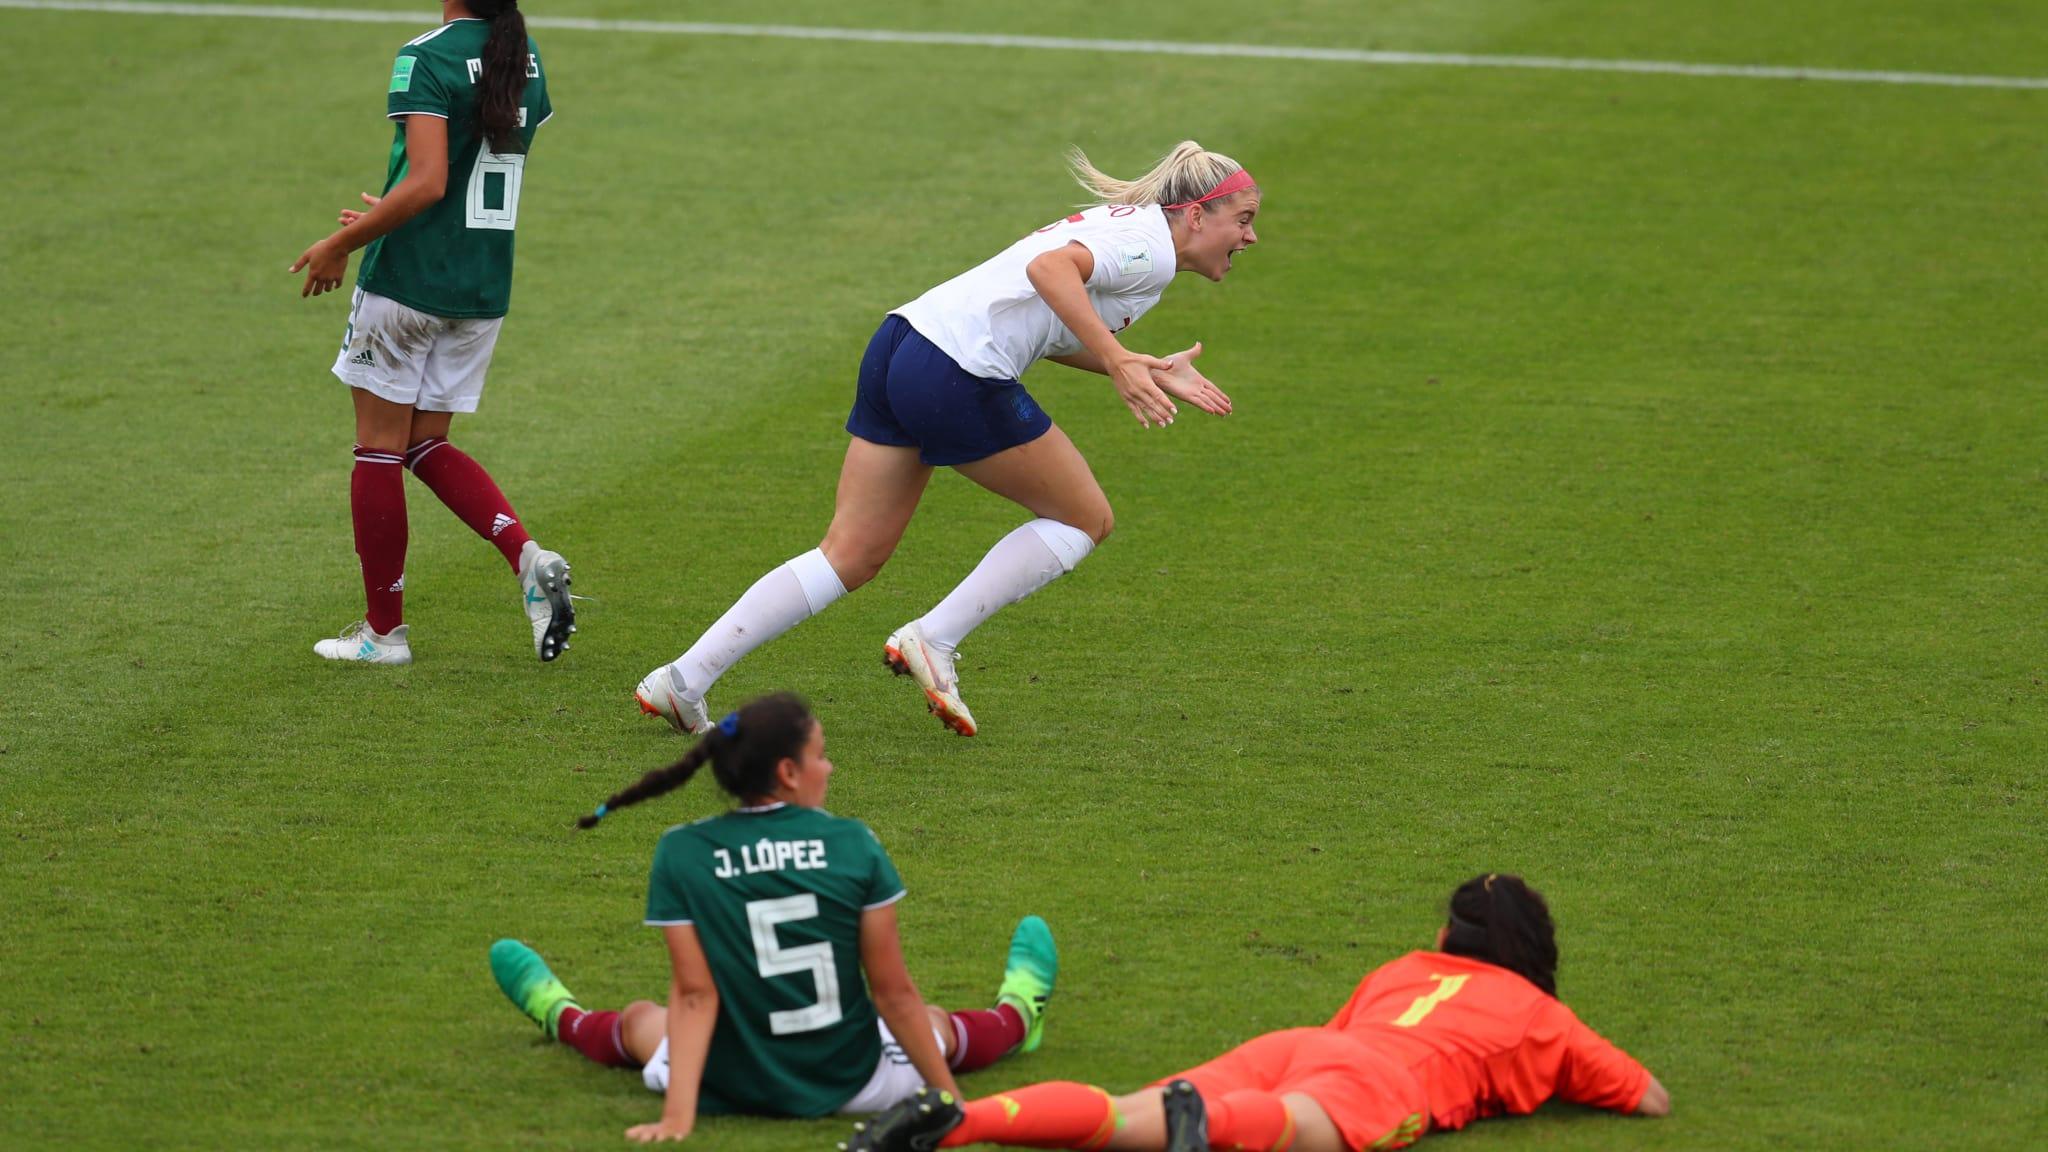 Les Anglaises ont réagi en seconde période (photo FIFA.com)